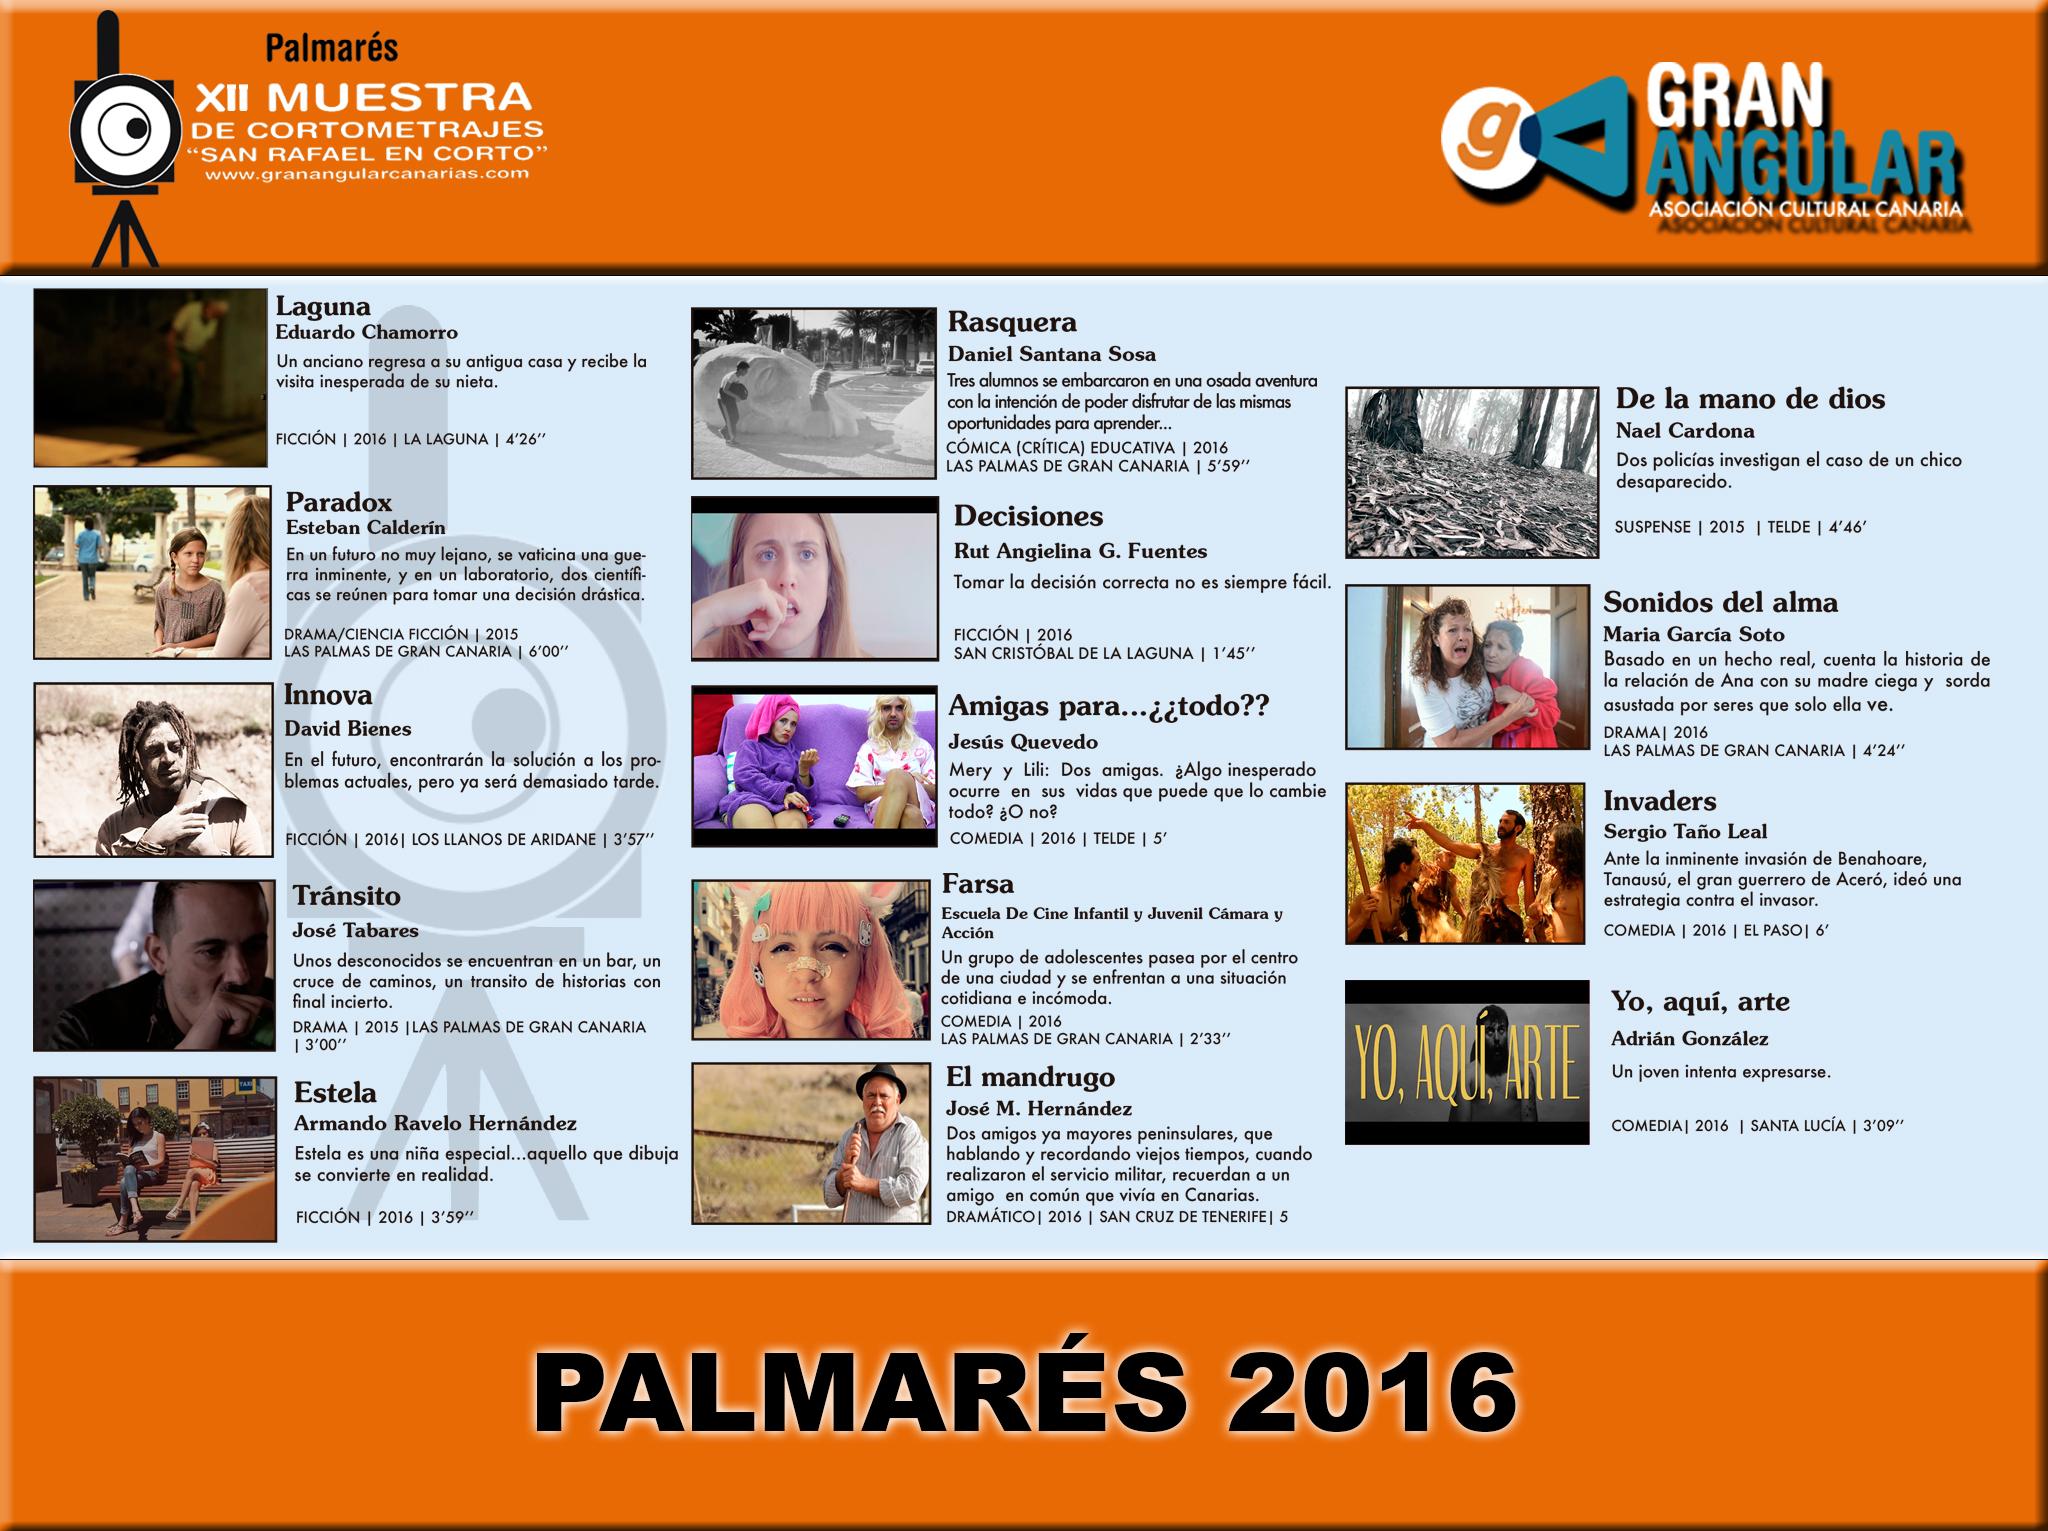 palmares-gran-angular-naranja-2016-palmares-de-la-xii-srec